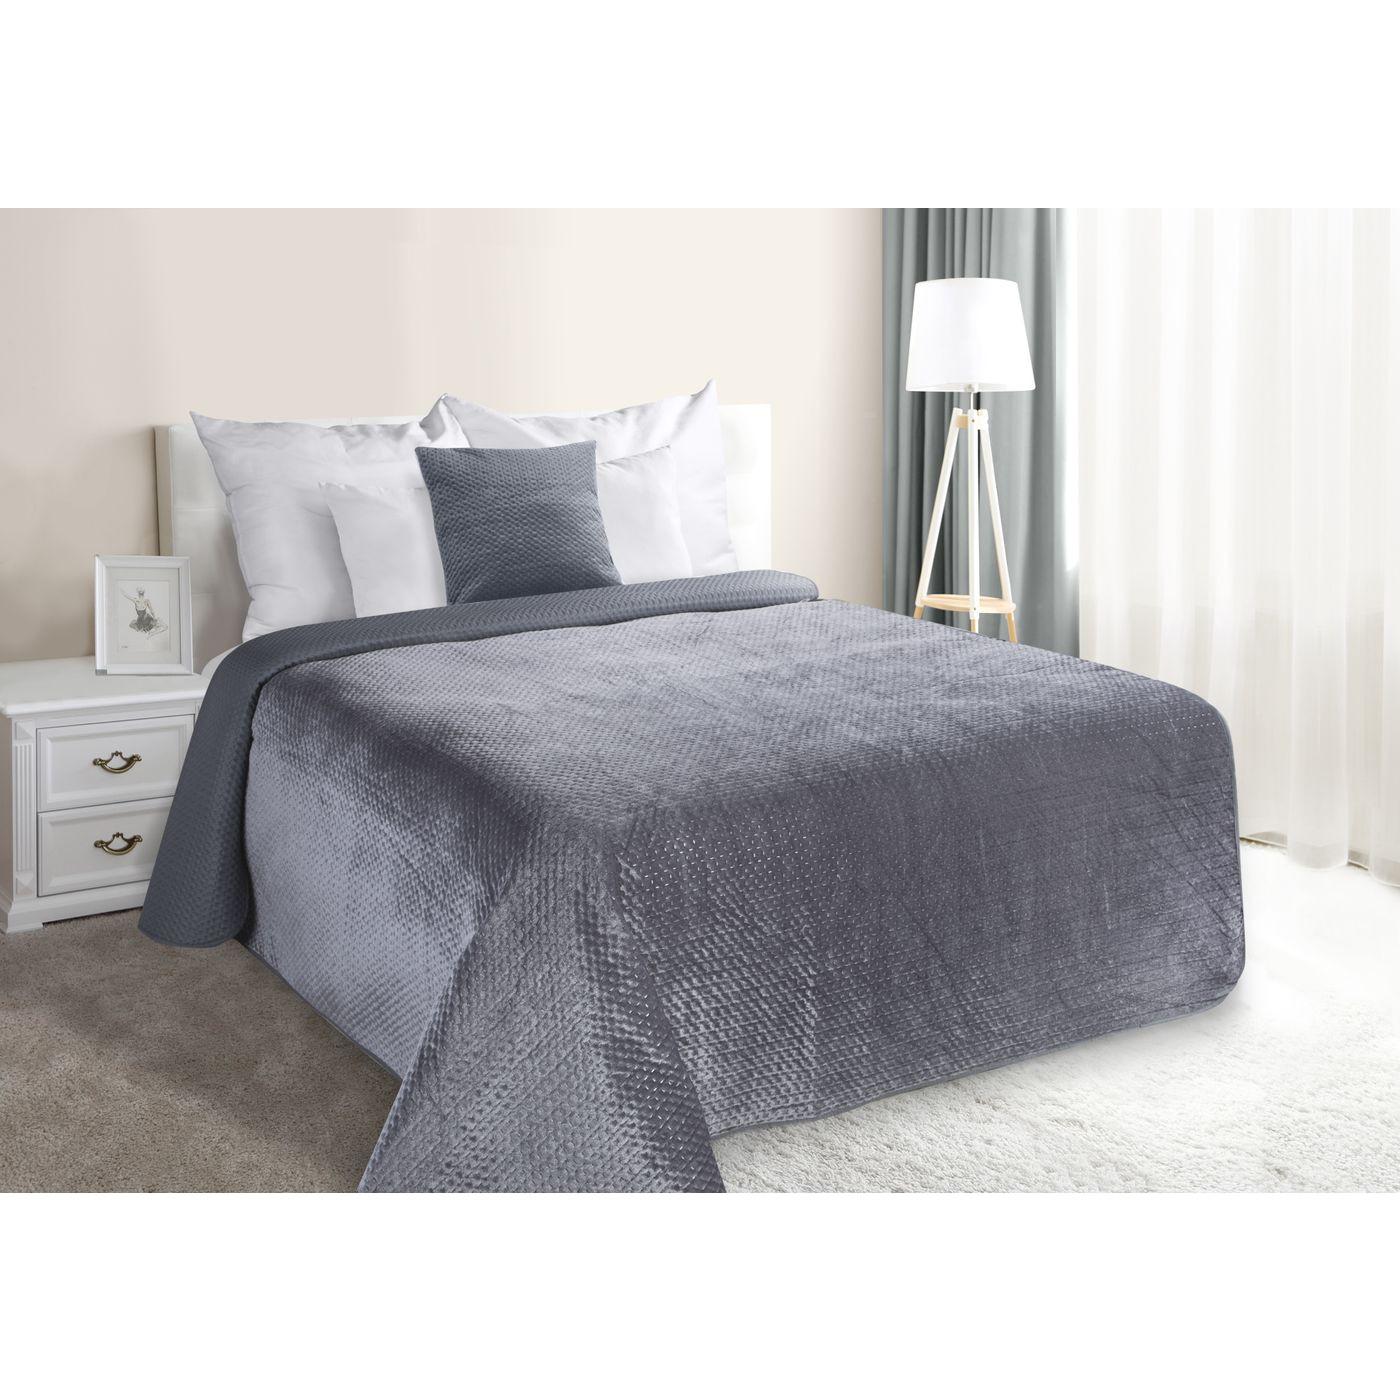 Narzuta na łóżko welwetowa pikowana hotpress 200x220 cm grafitowa